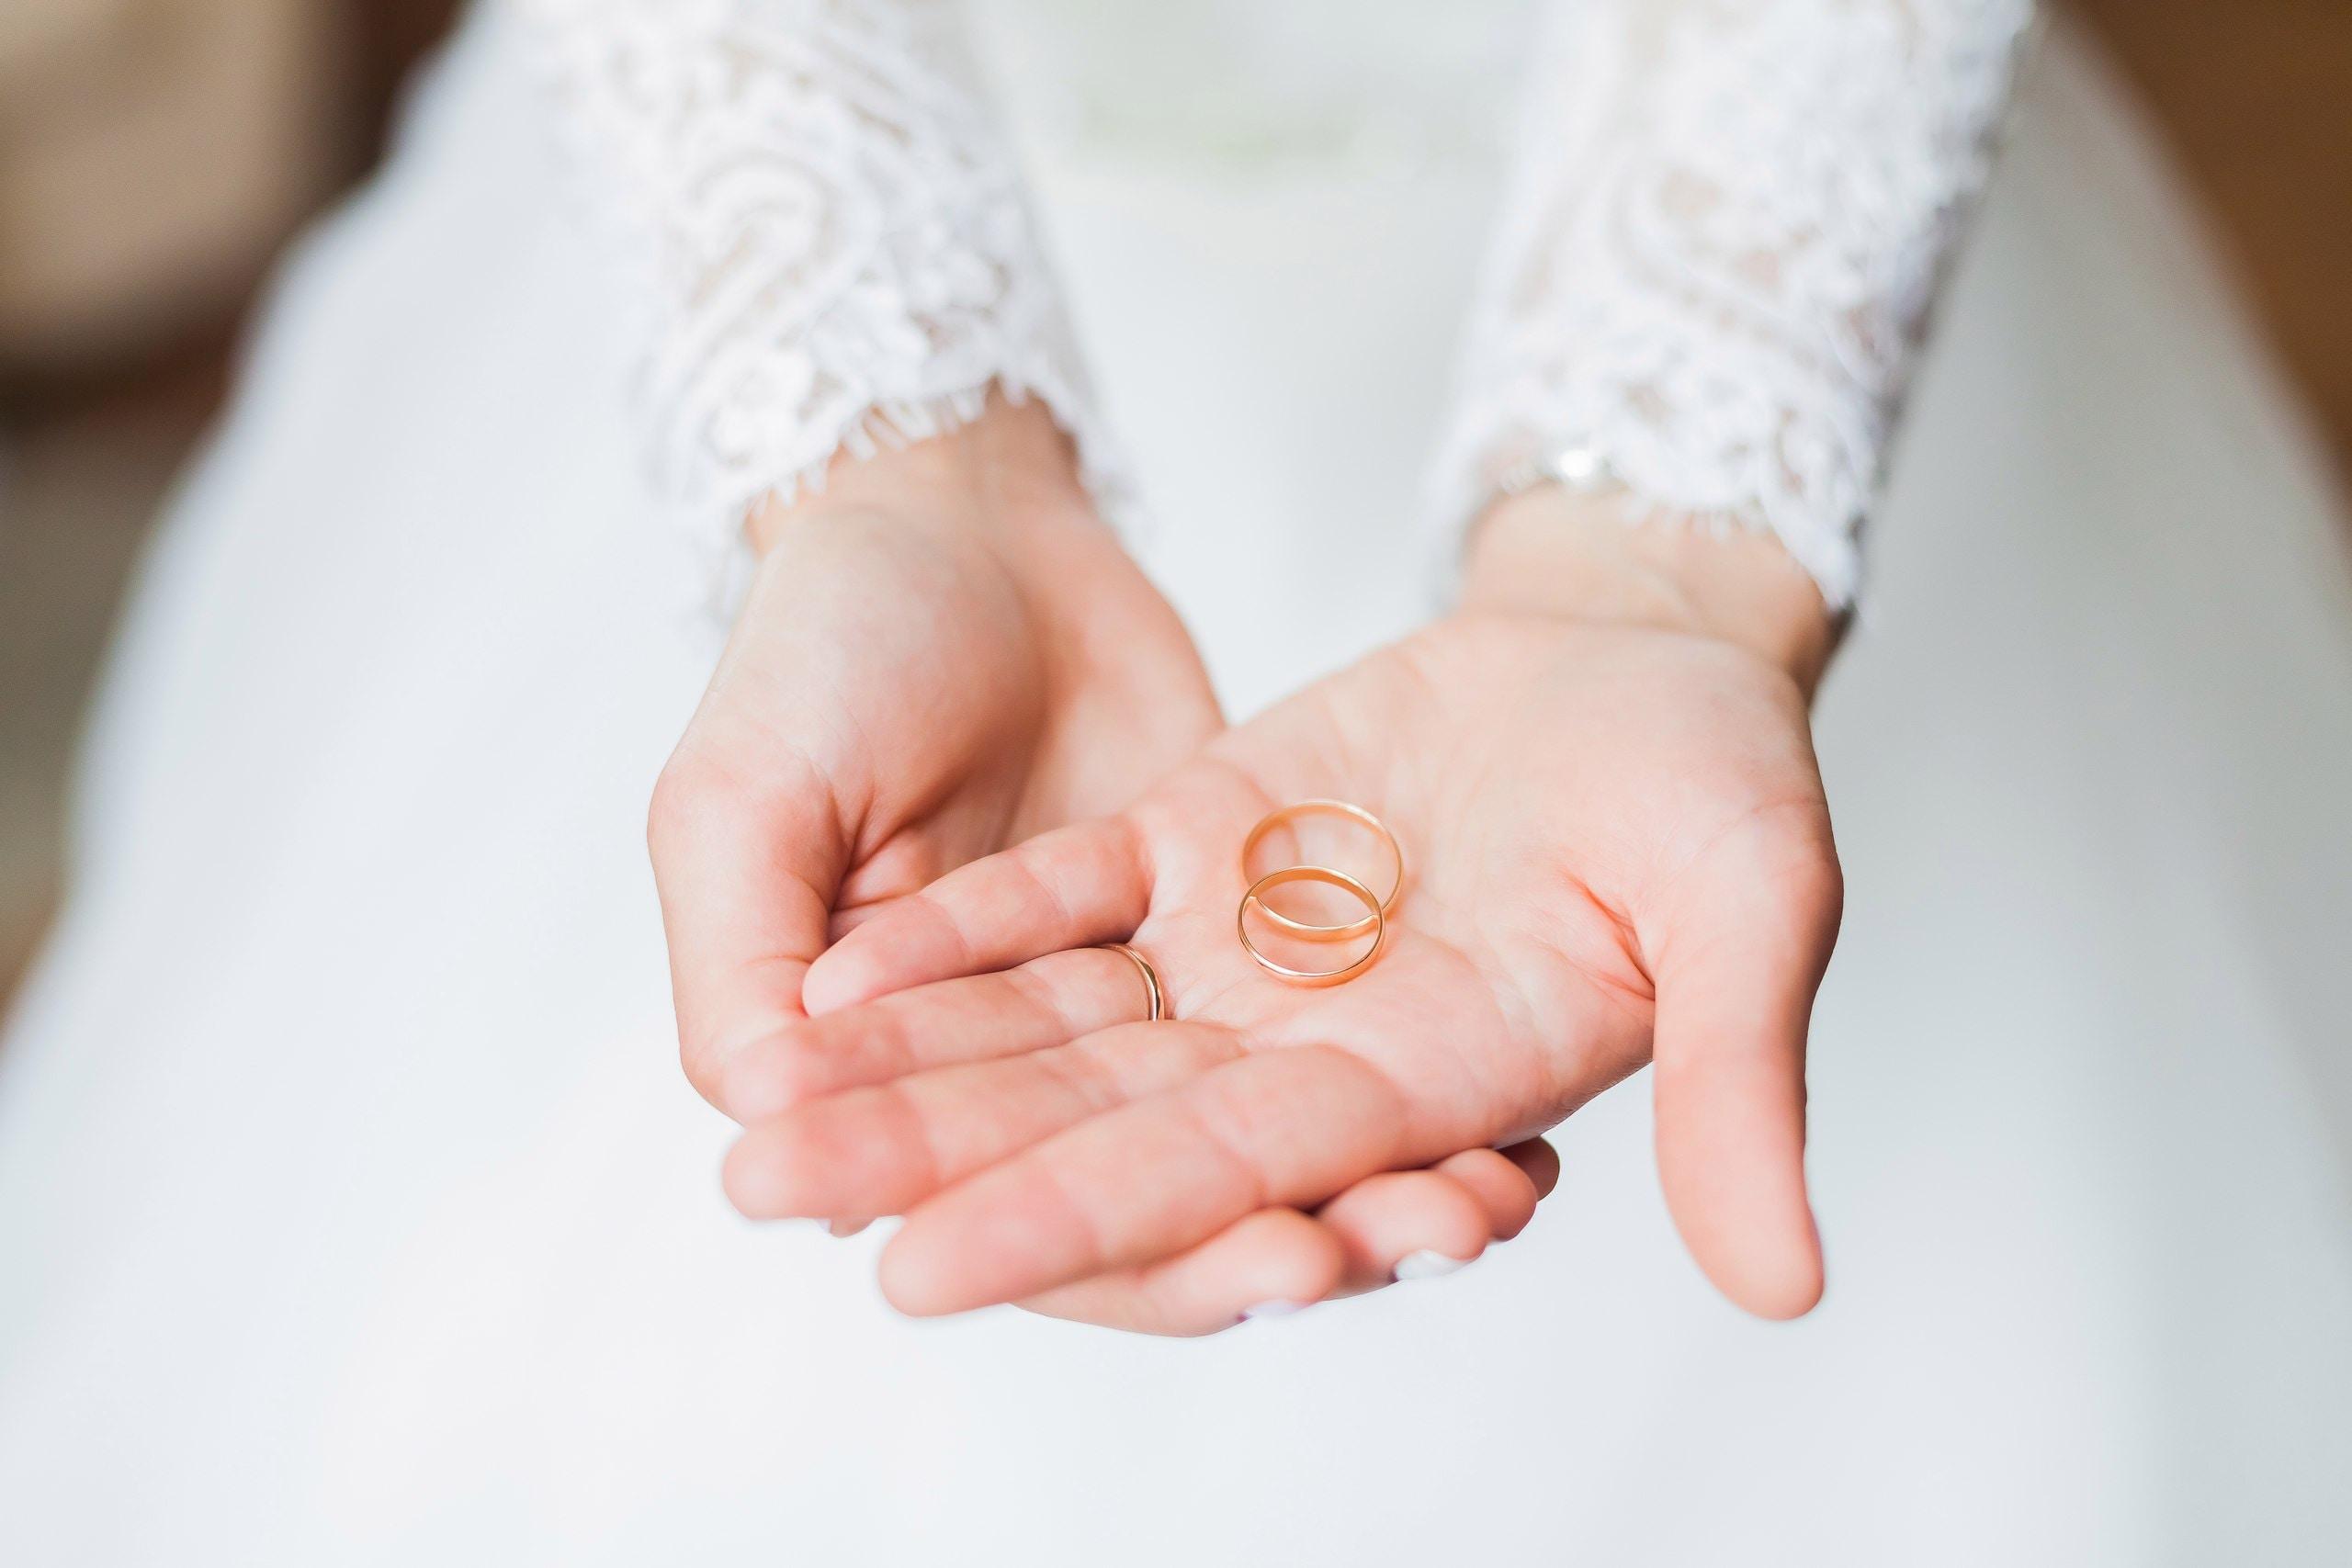 再婚だから結婚式はやめようか悩んでいるあなたへ贈るイマドキの選択肢とは